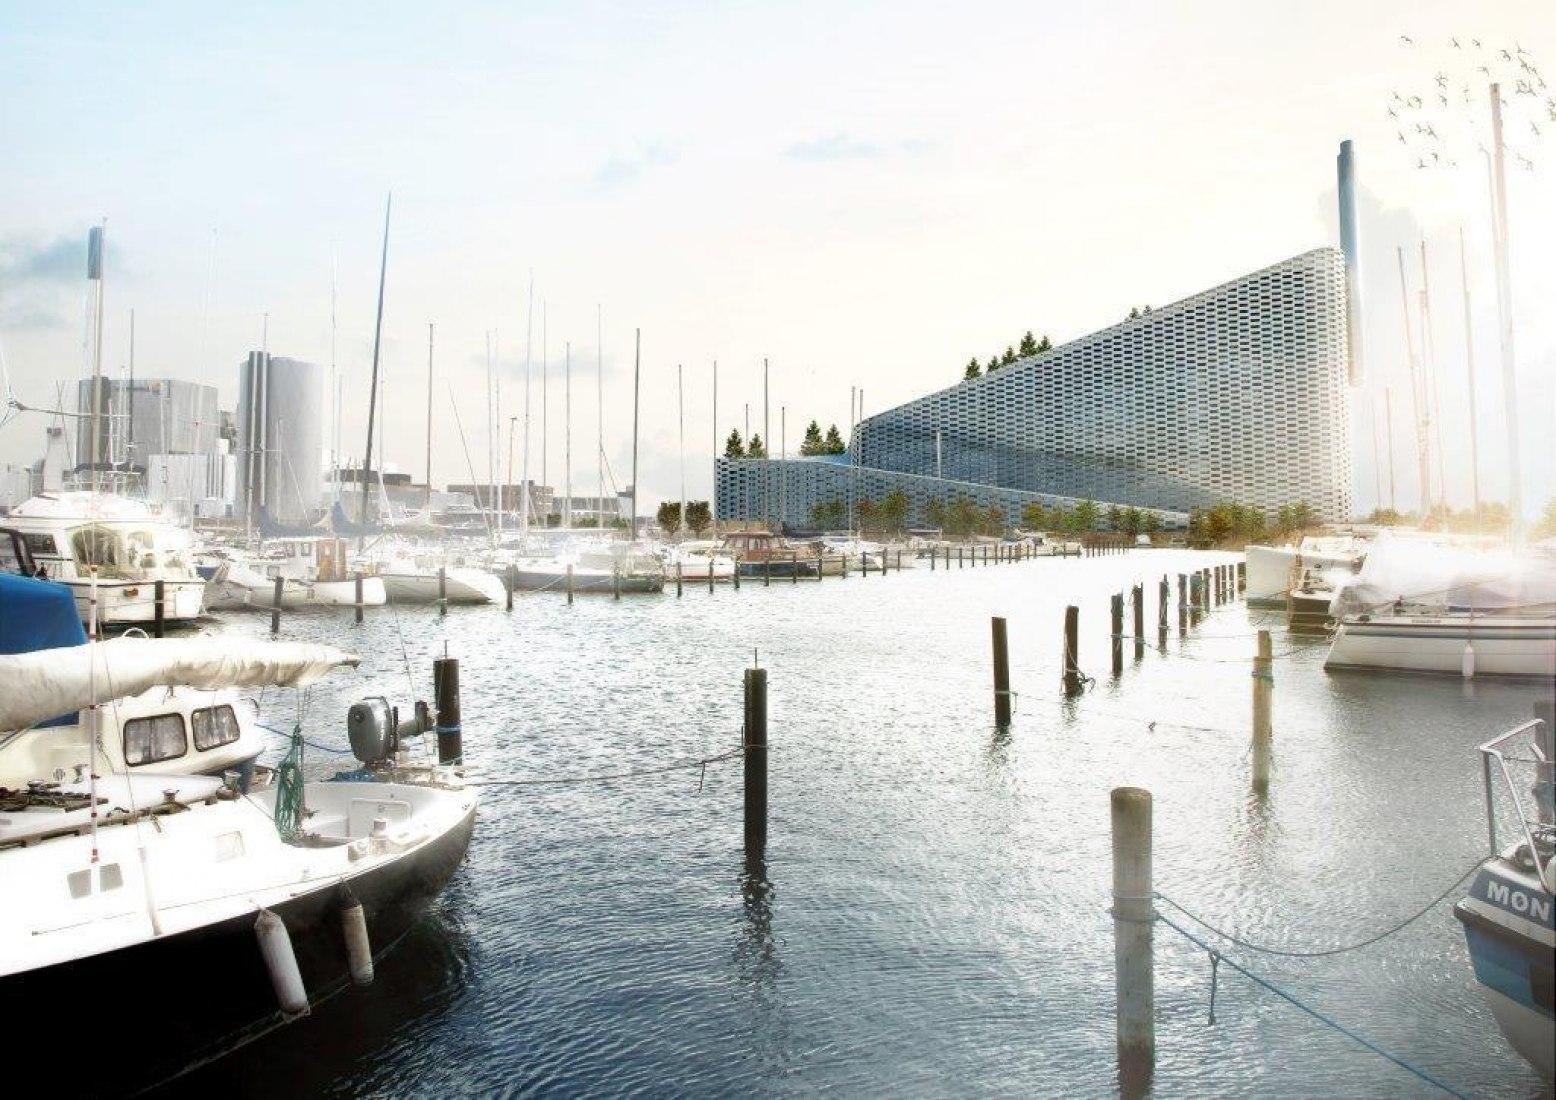 Visualización exterior desde el puerto.  Amager Bakke Planta de conversión de residuos en energía por BIG-Bjarke Ingels Group.